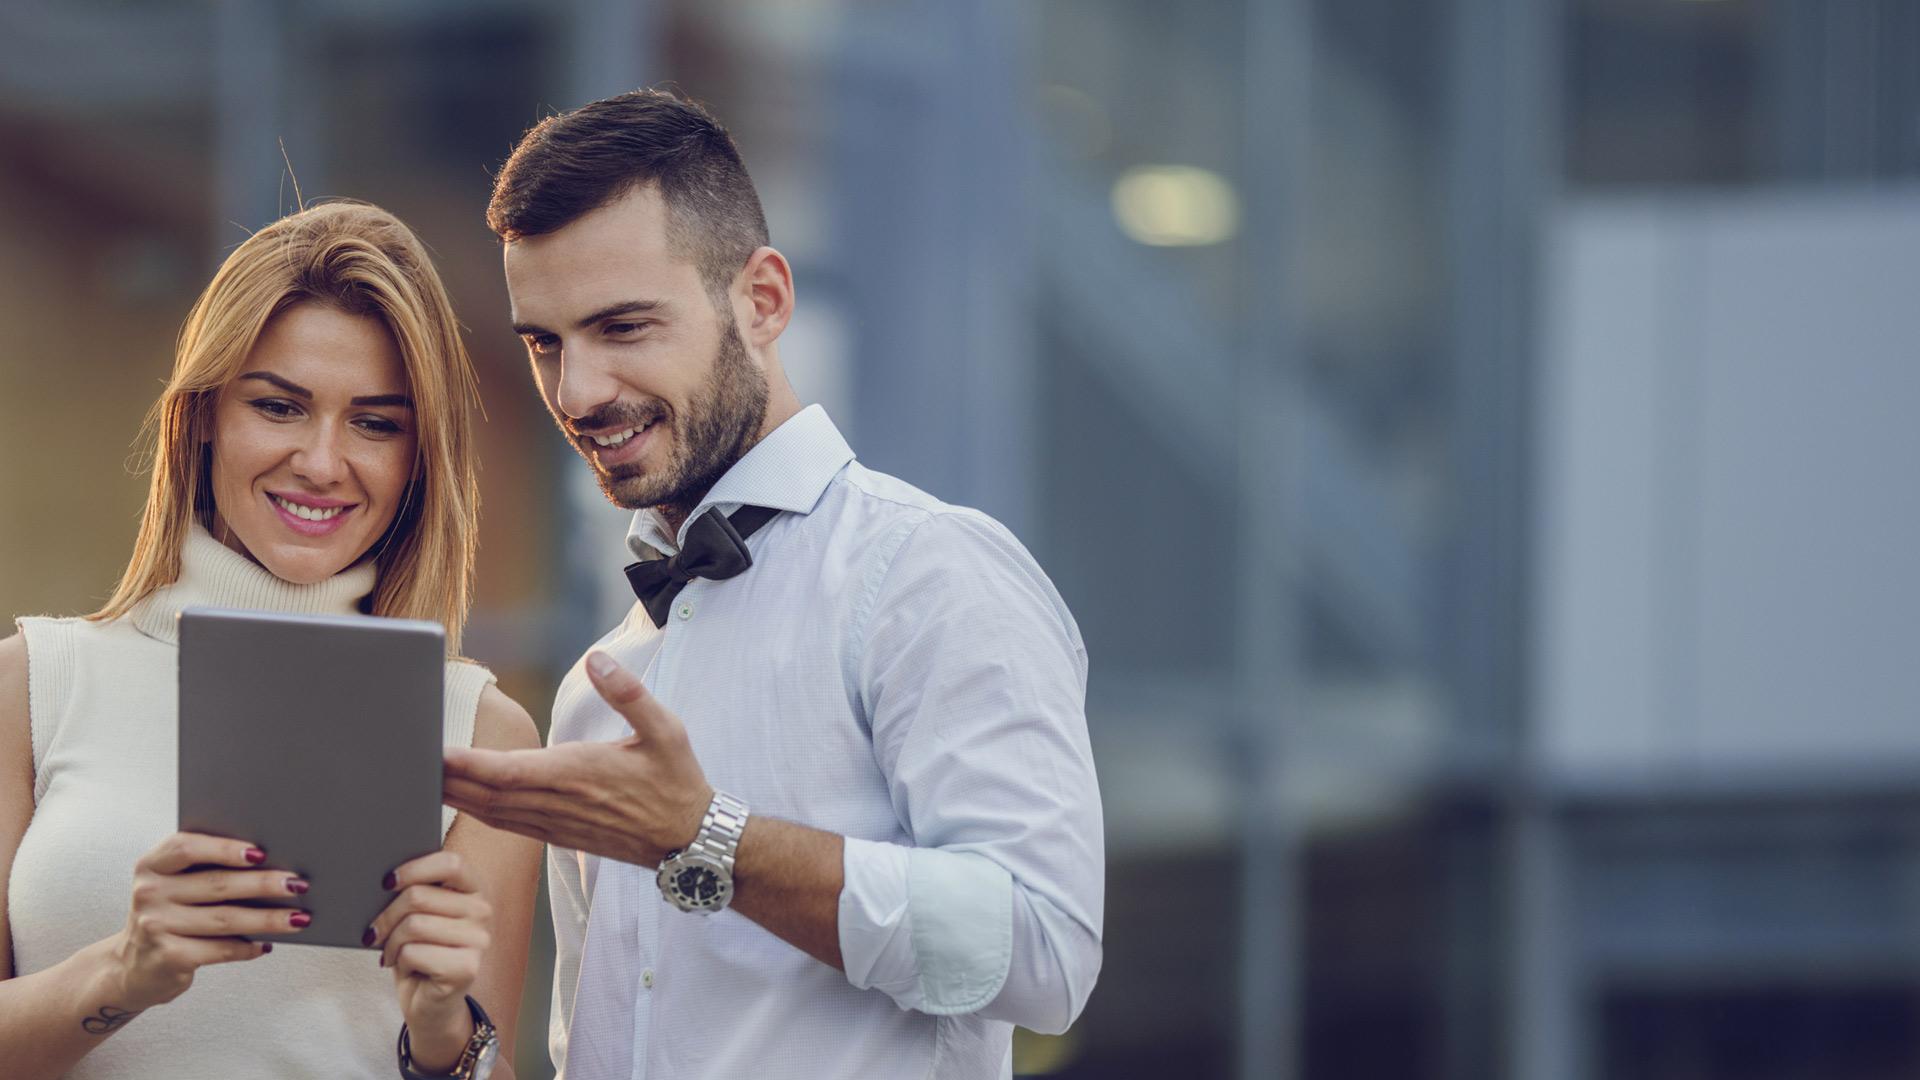 Mann zeigt Frau etwas auf einem Tablet